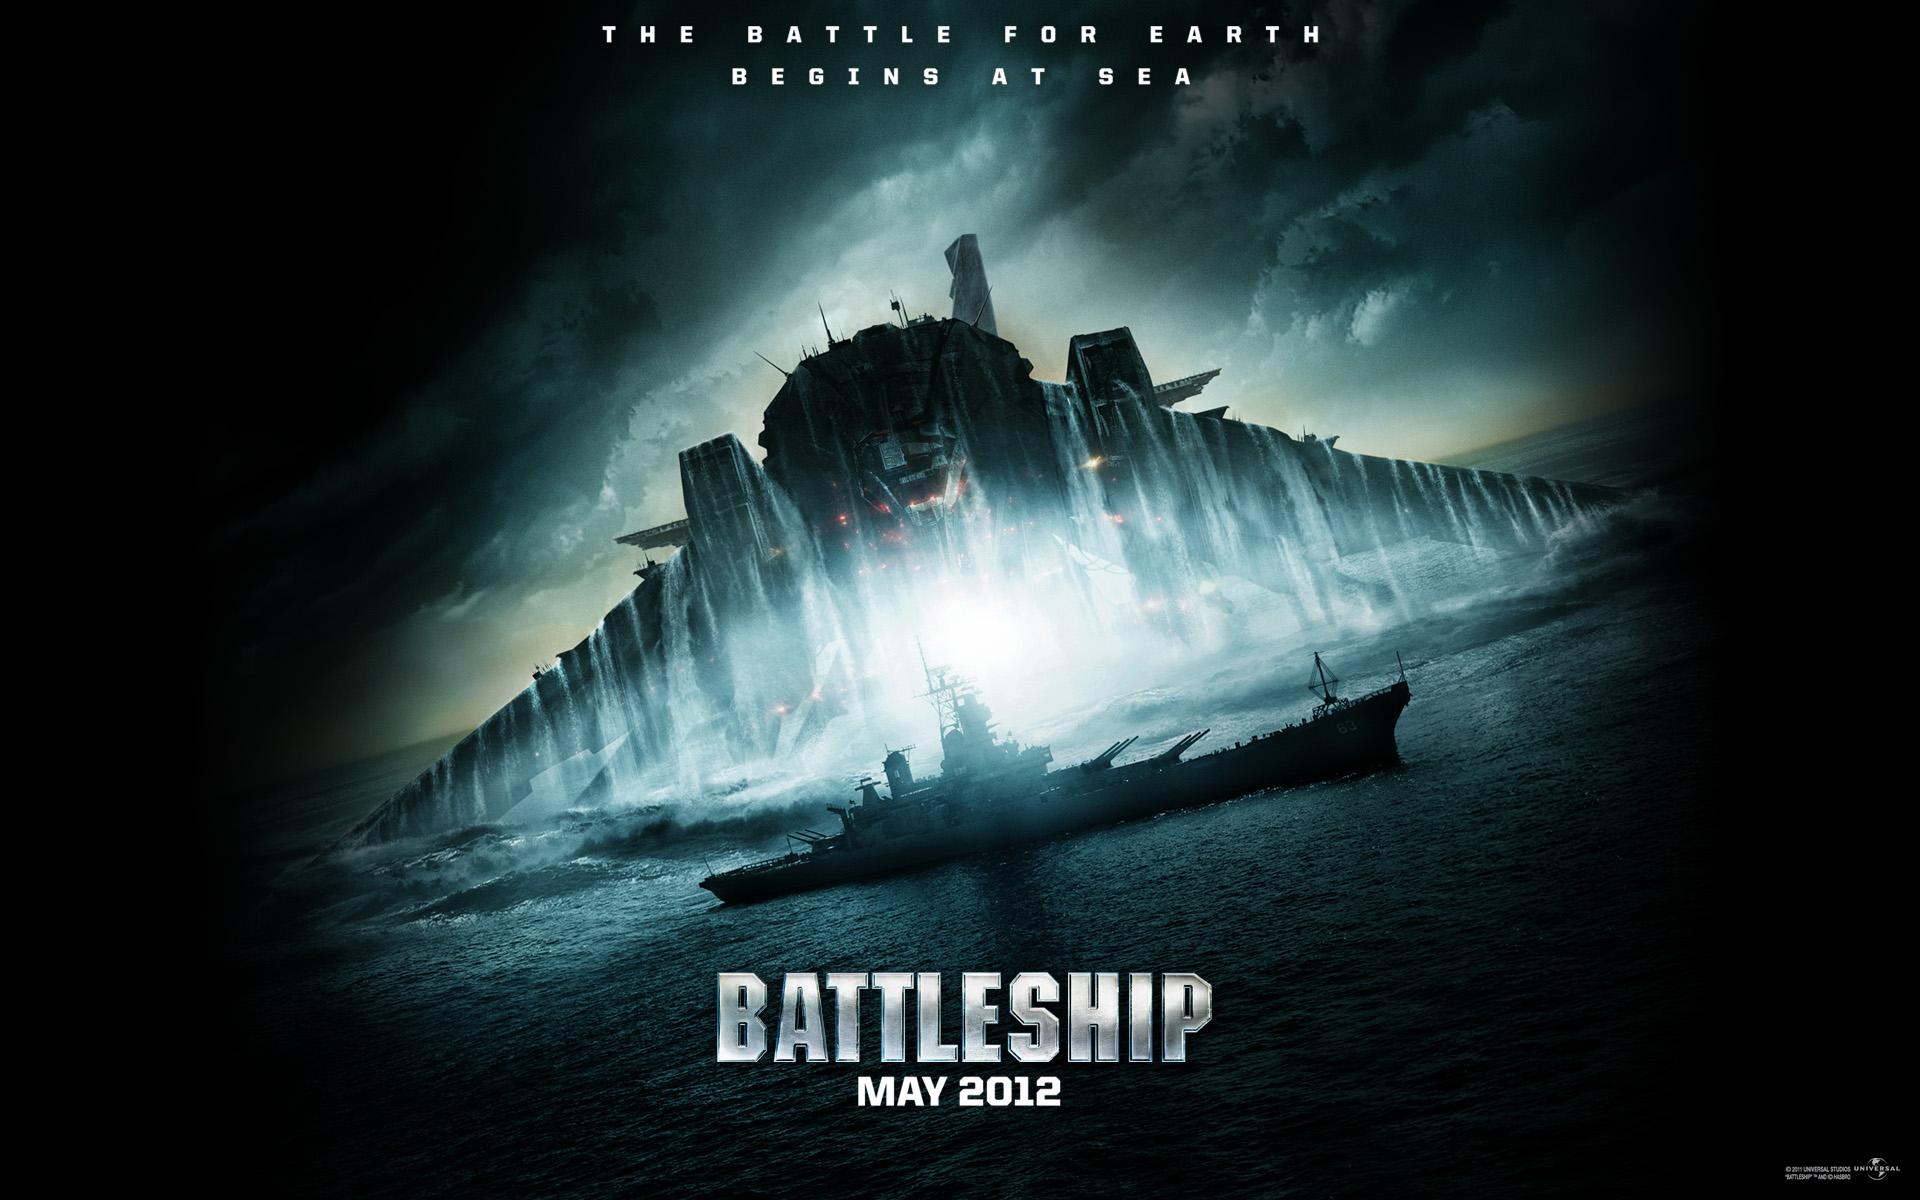 Battleship wallpaper 1